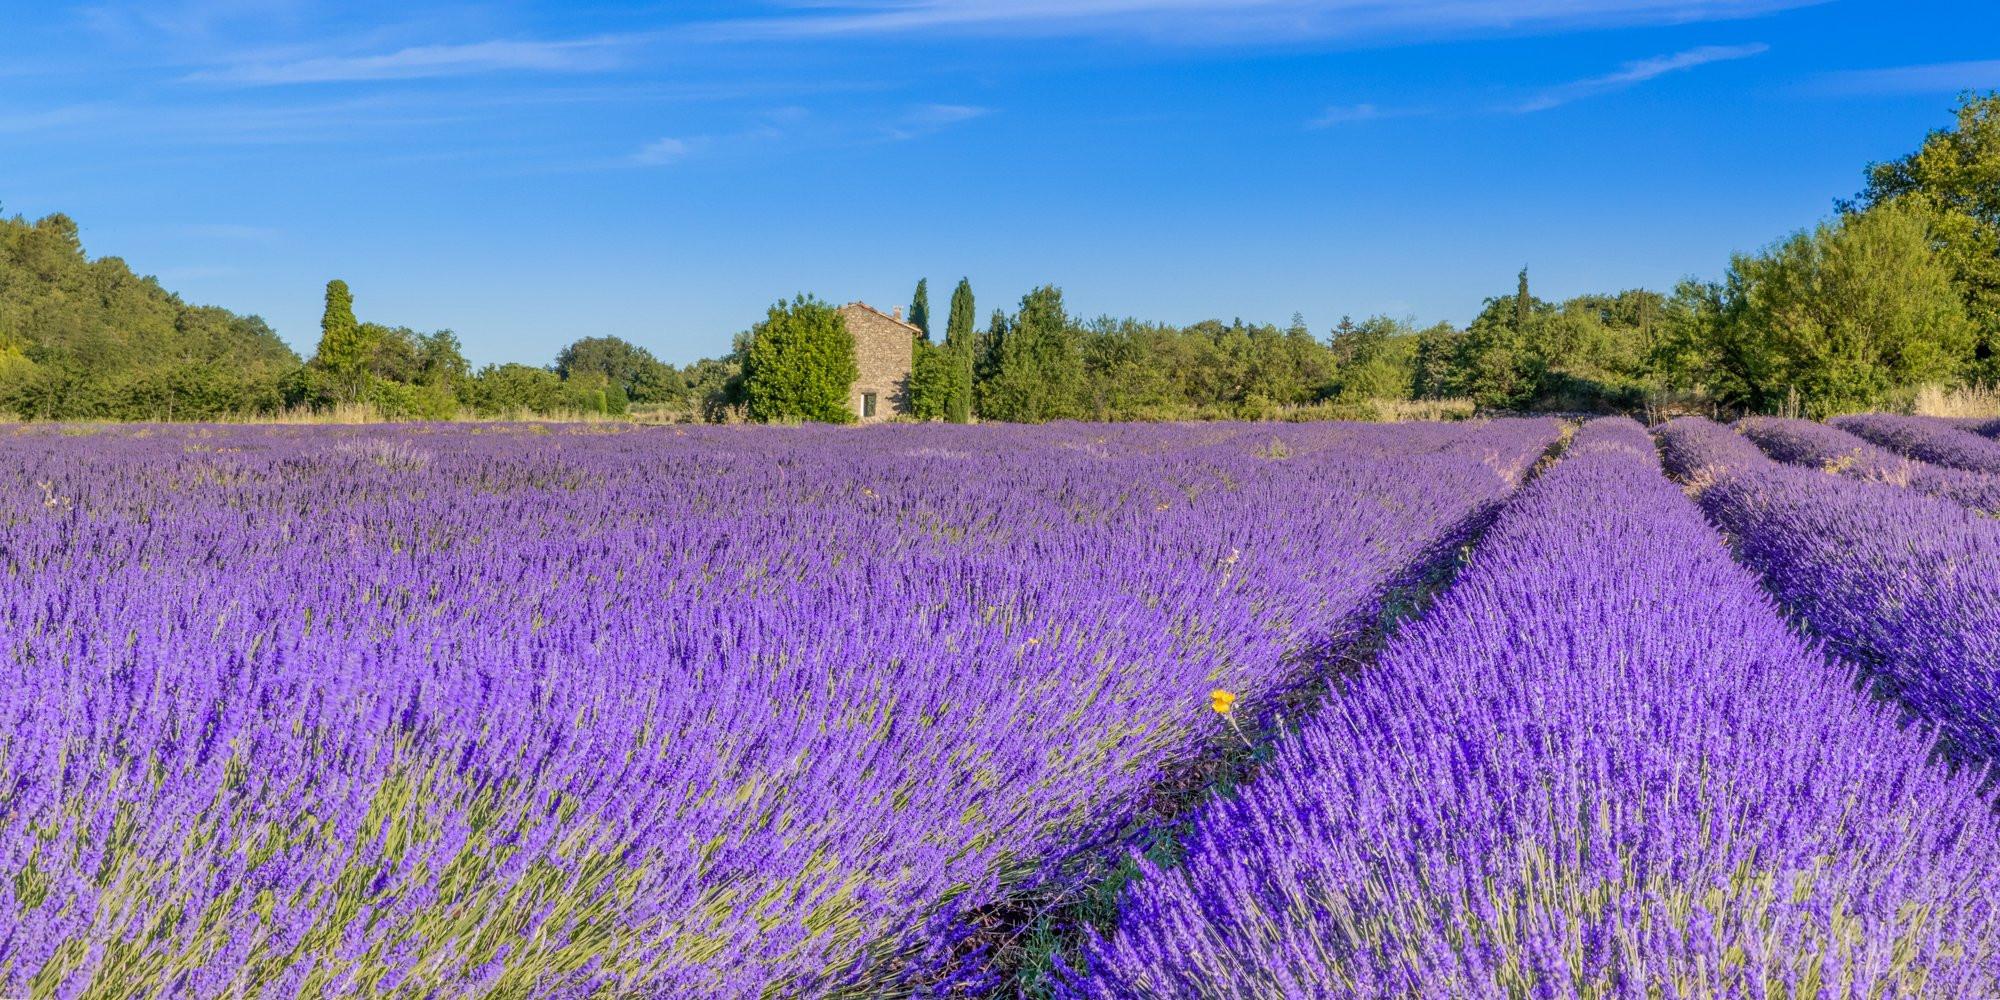 Lavenders fields, Saignon village in Vaucluse France